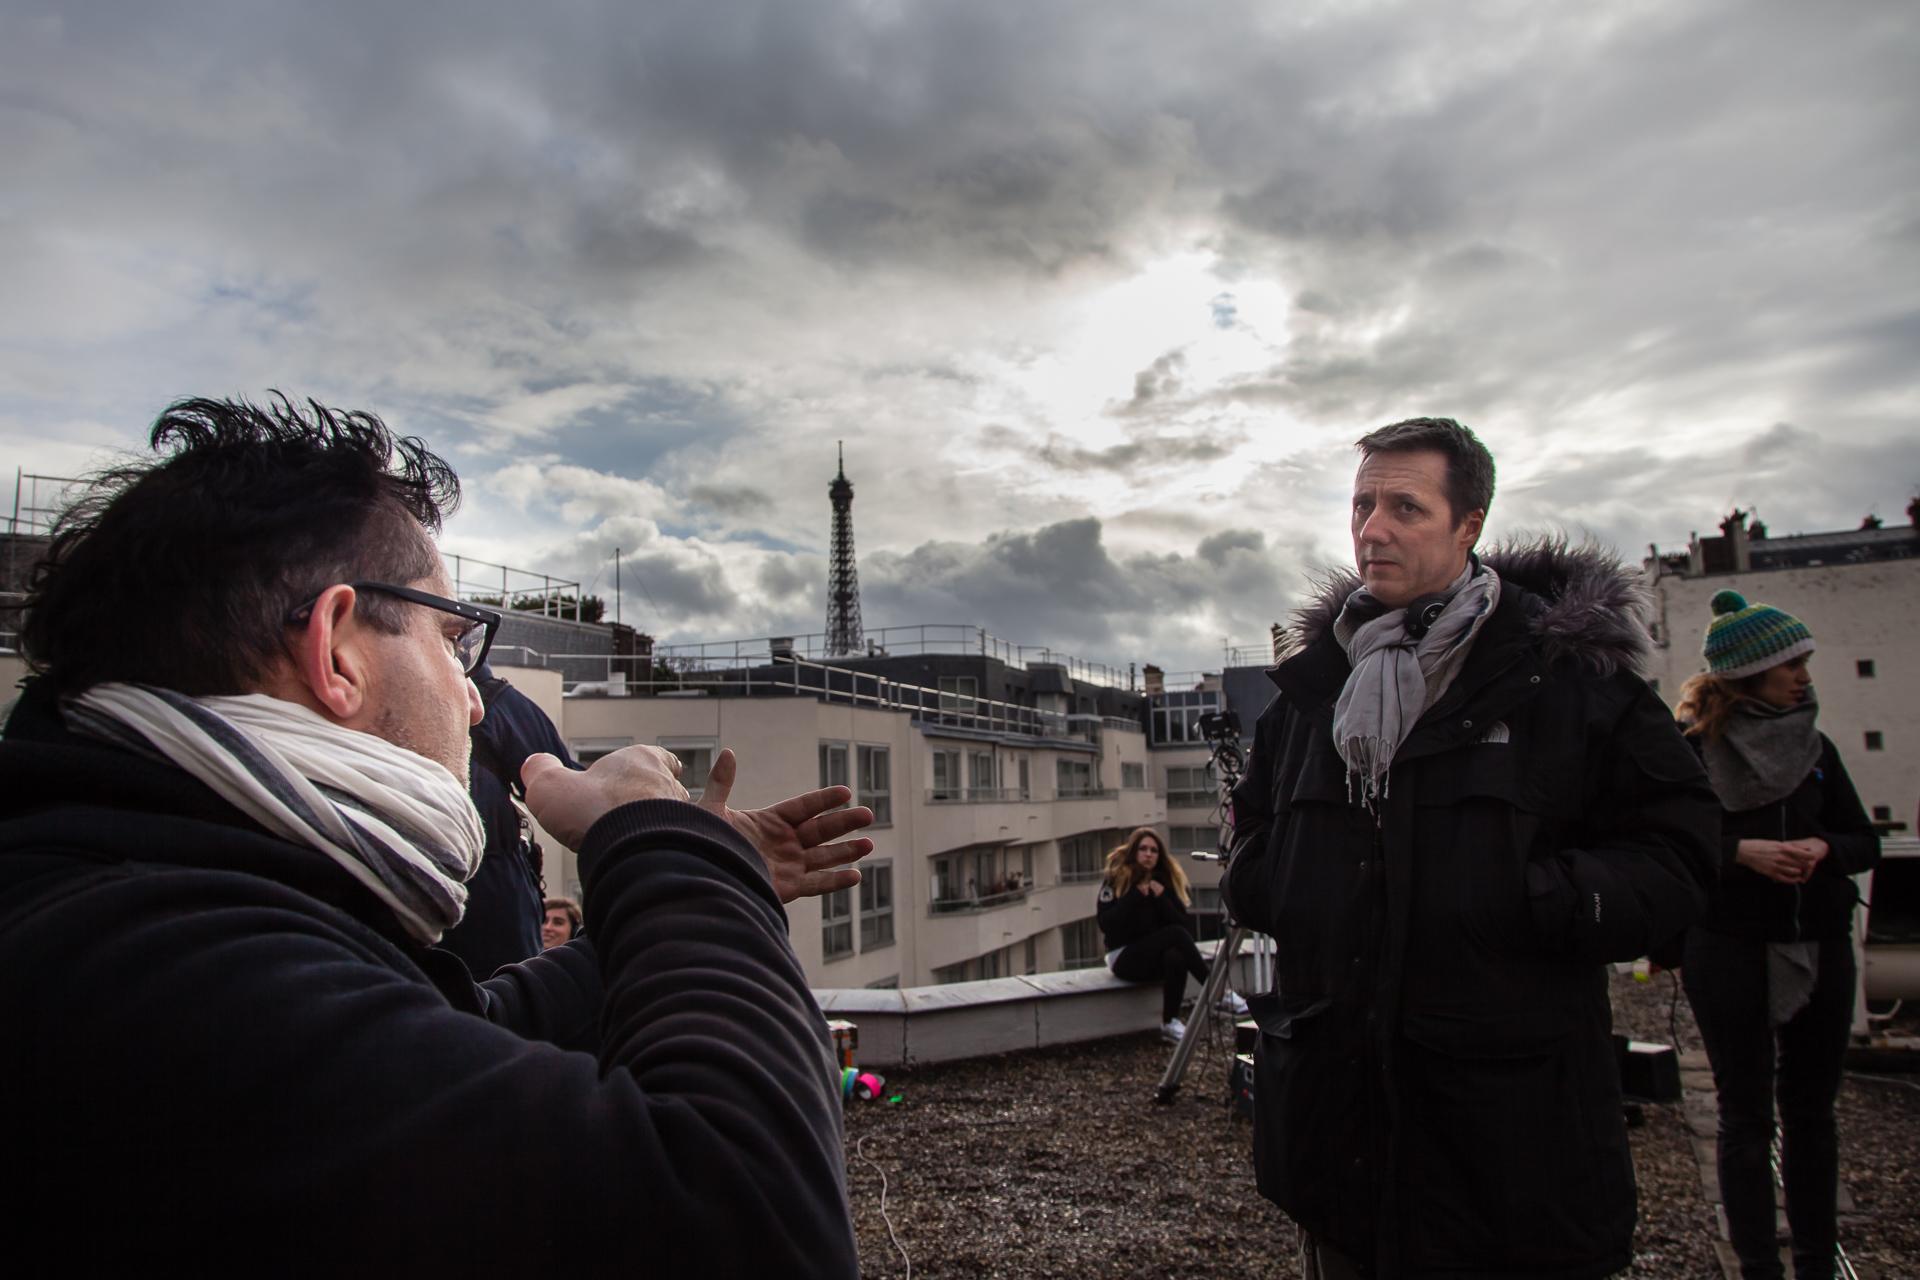 Réalisateur,Frédéric Pettitjean etAlain Braconnier,1er Assistant Réalisateur.